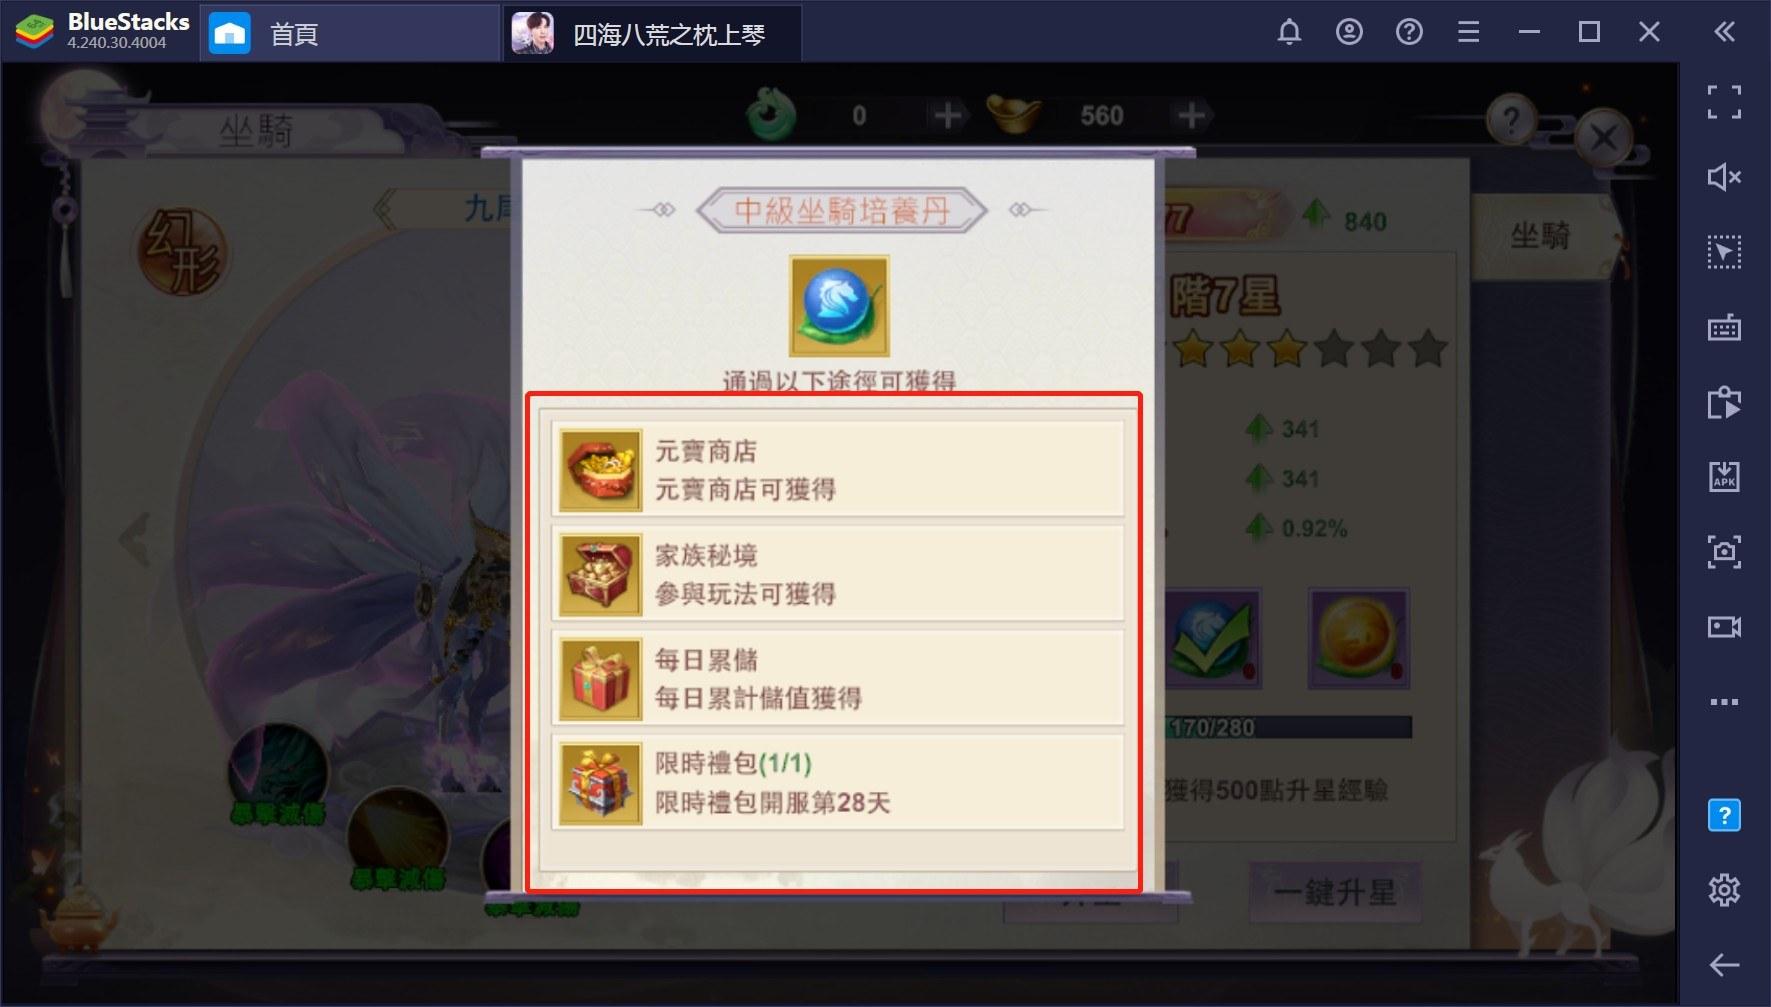 使用BlueStacks在PC上遊玩玄幻MMO手機遊戲《四海八荒之枕上琴》